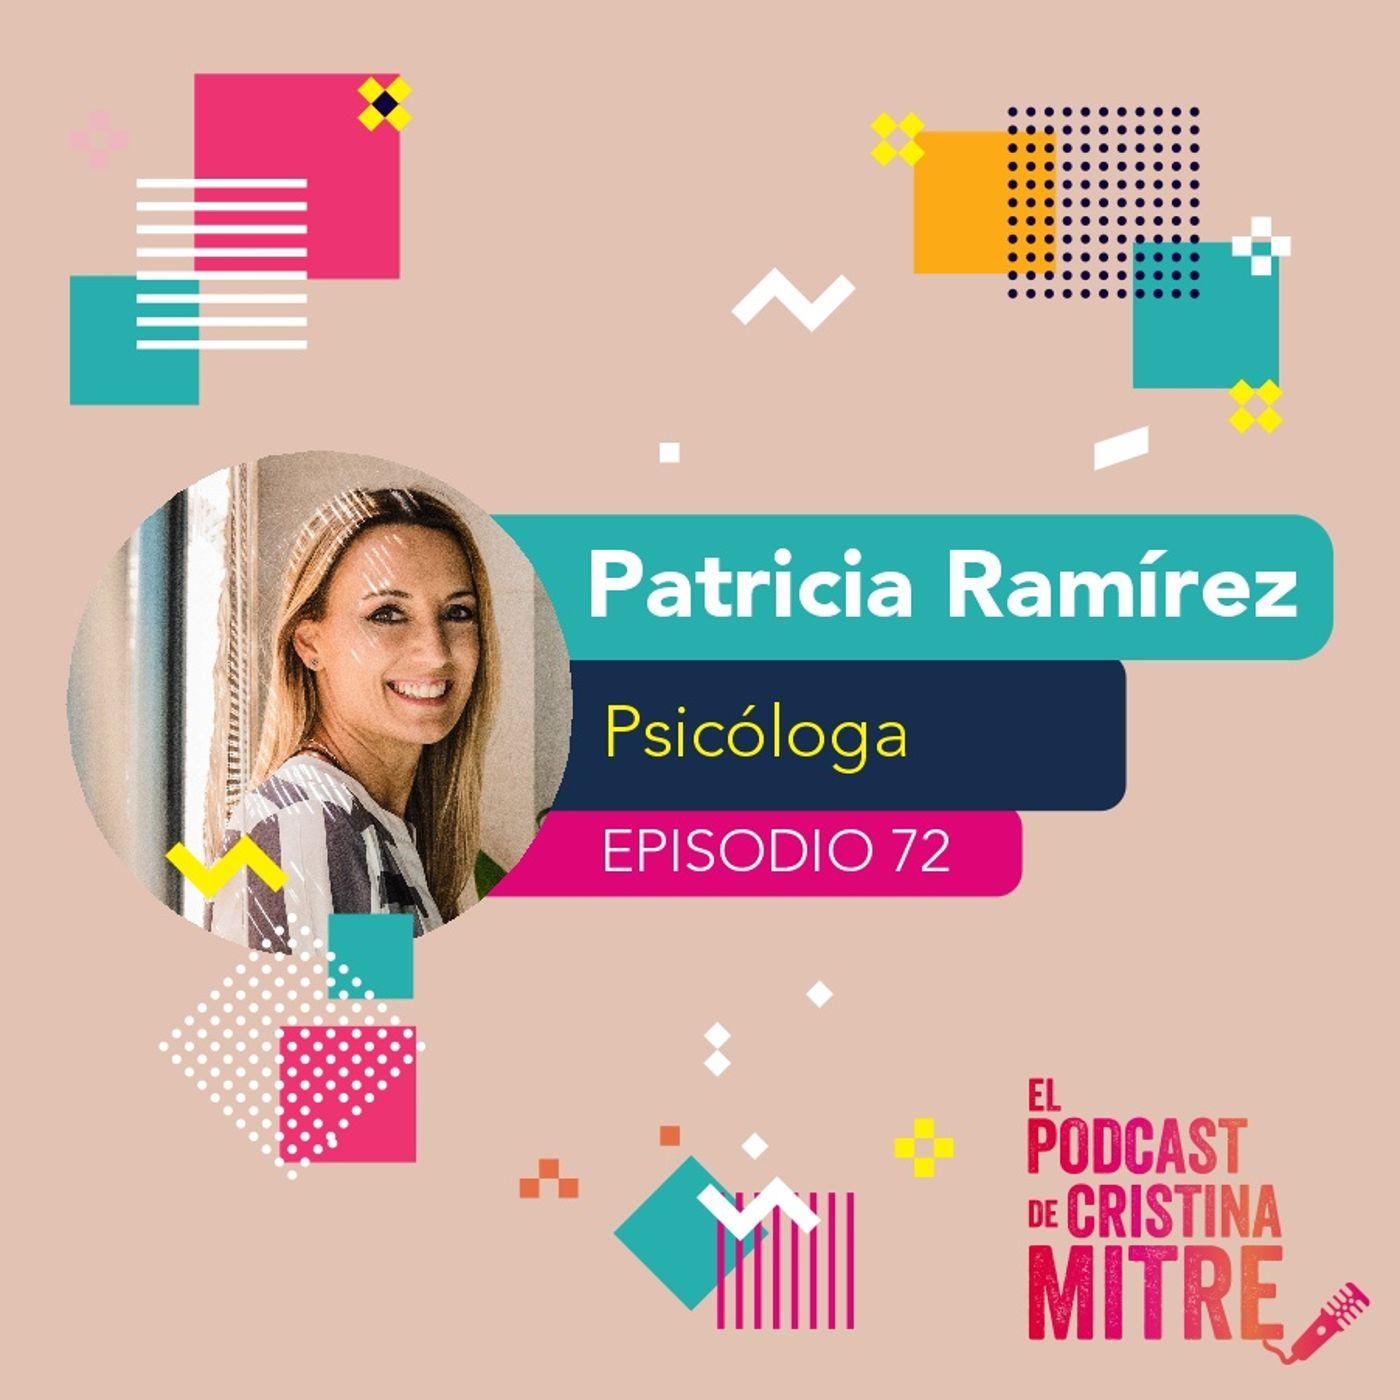 Claves para tener una relación de pareja sana y feliz con Patricia Ramírez